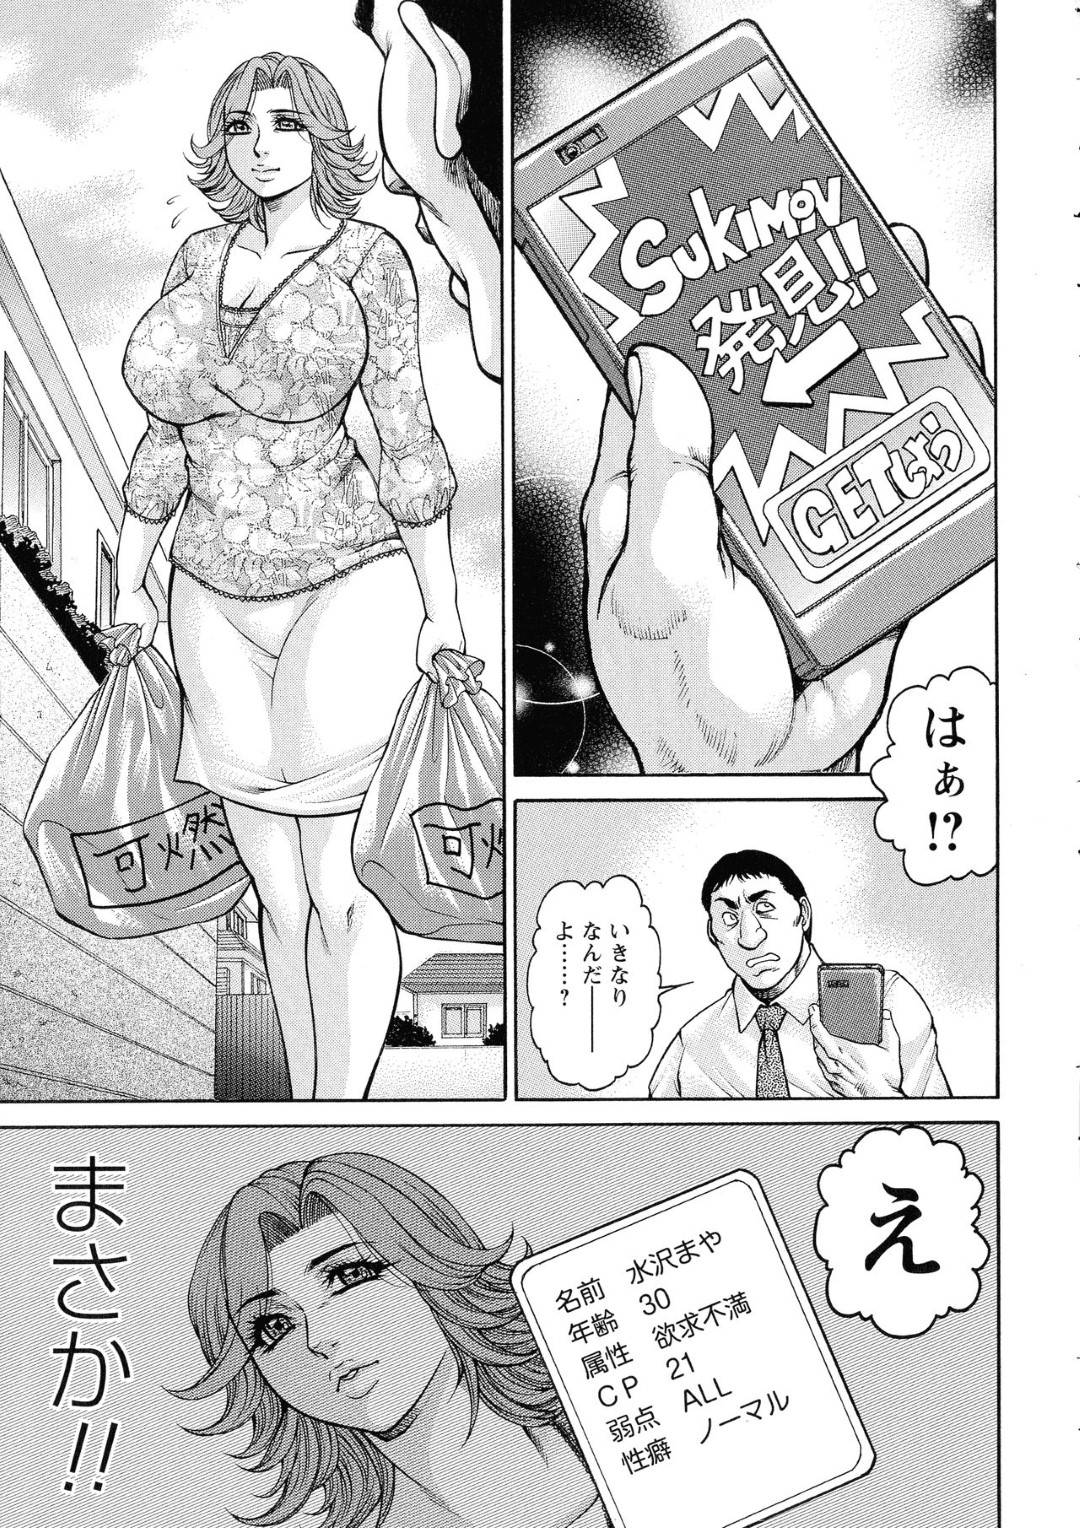 【エロ漫画】謎のゲームアプリで道行く女性を発情させる事ができるようになった主人公。彼はイタズラ感覚で見知らぬ人妻を発情させてはフェラさせたり、中出しセックスしたりし、エスカレートした彼は女上司にまで手を出すようになる。